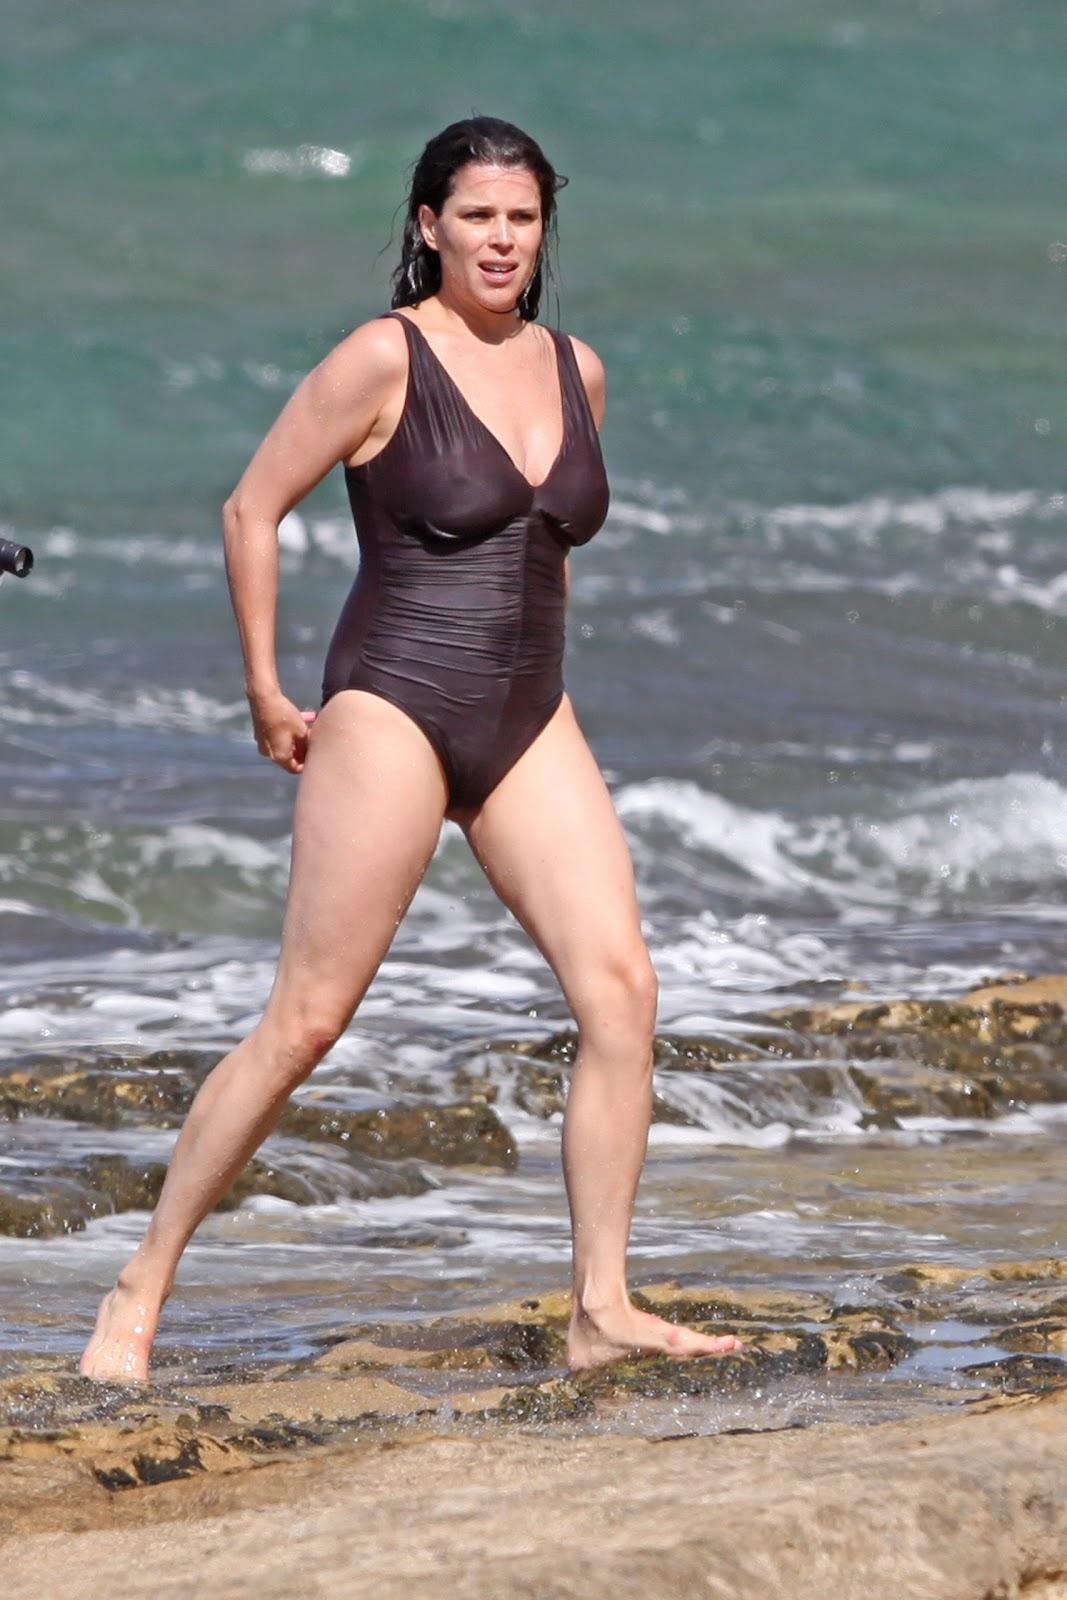 http://1.bp.blogspot.com/-H1wfmSuC264/UFNZsgmpbhI/AAAAAAAAUBI/P7XQ5nQa9lk/s1600/Neve+Campbell+in+Swimsuit+Candids+at+The+Beach+in+Hawaii.jpg